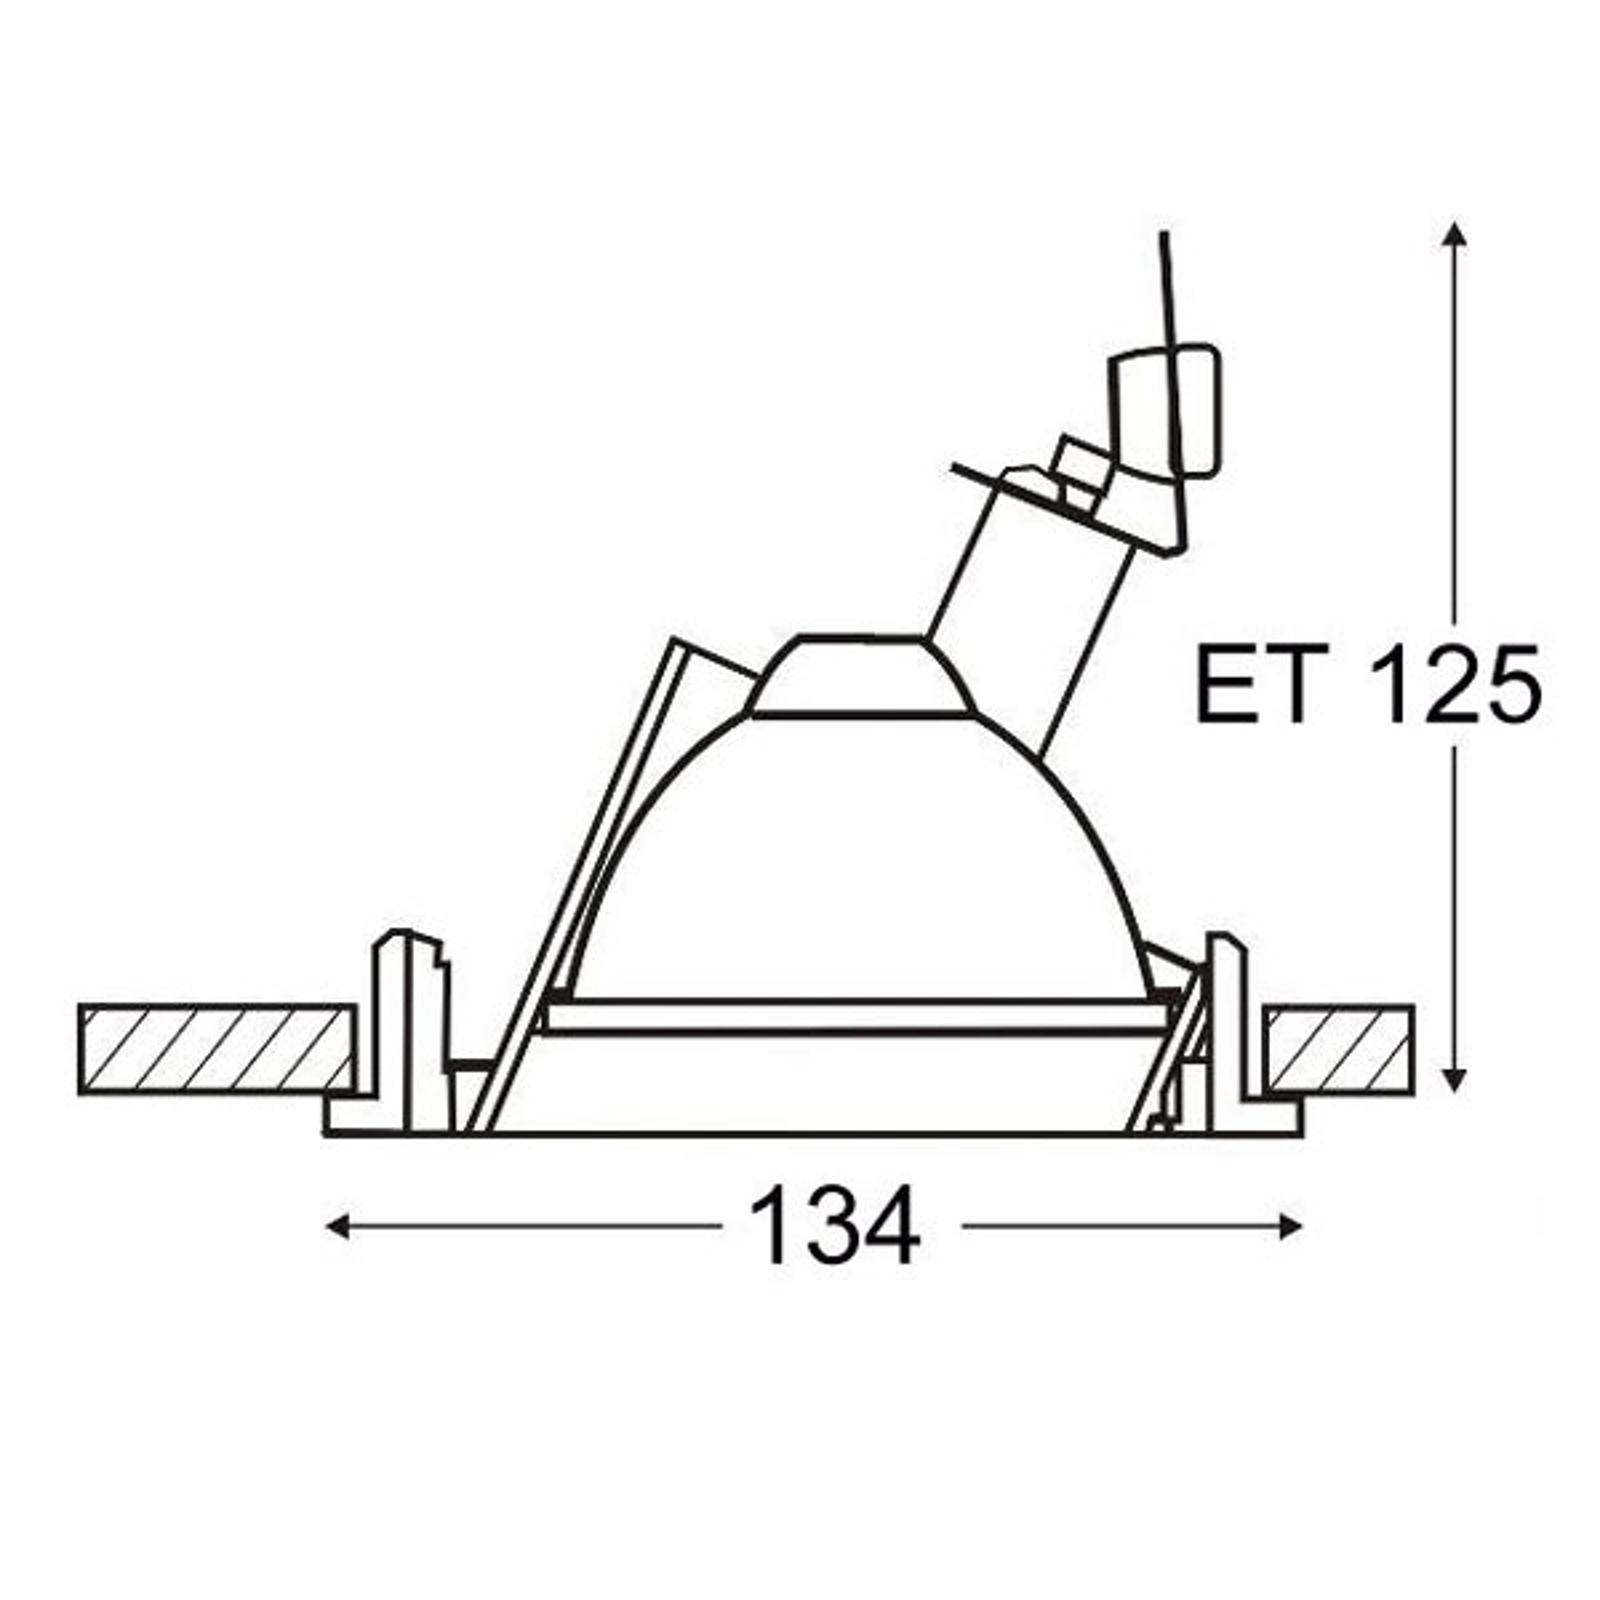 Einbaudownlight für Metalldampflampe 1x35W